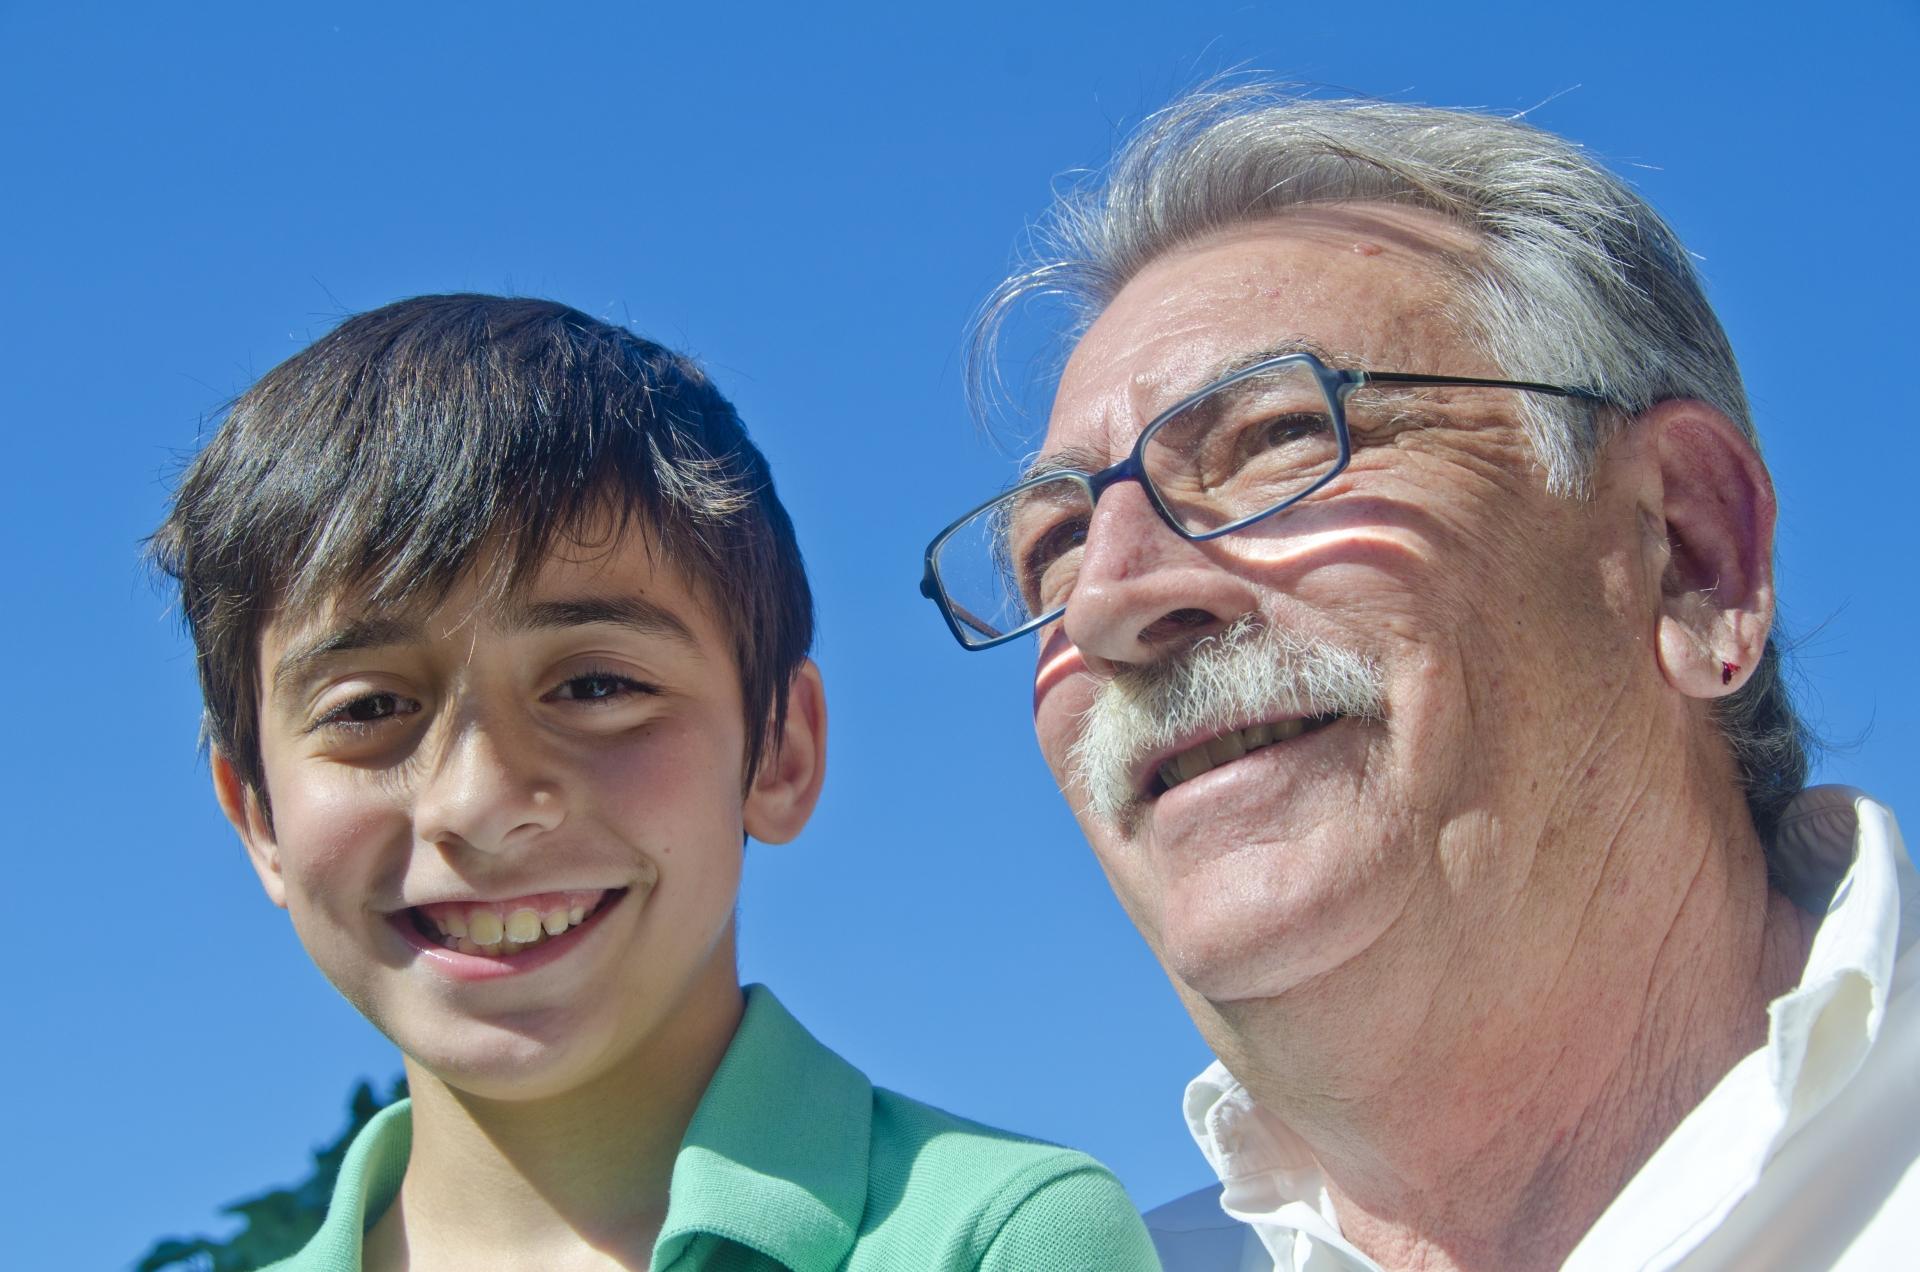 10代の少年と高齢者